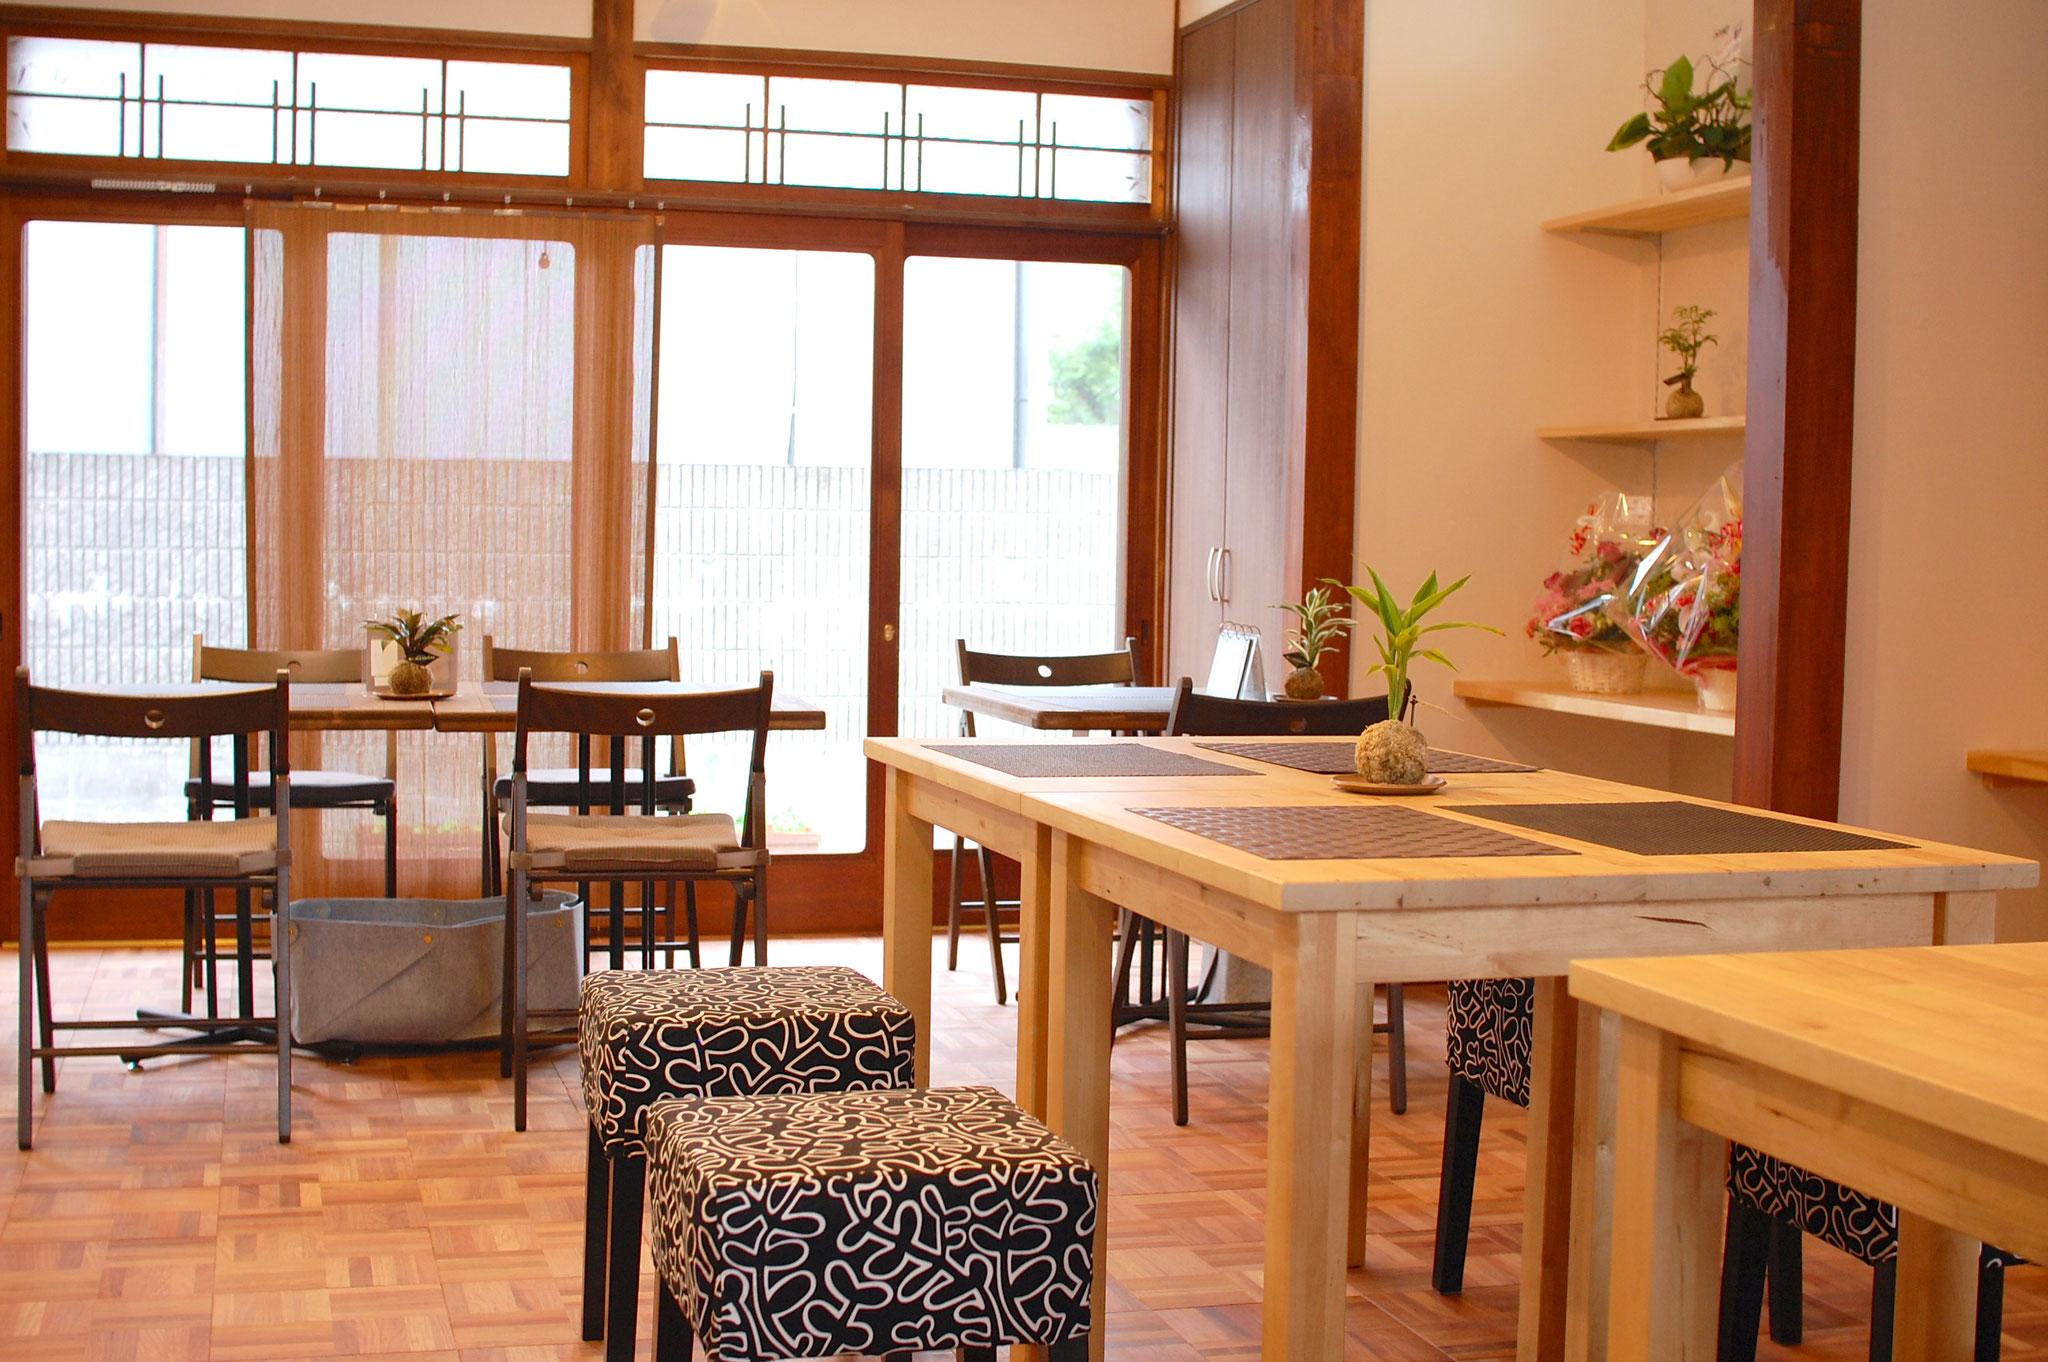 ランチ&カフェは定休日の日曜を除く月火水木金土曜日です。